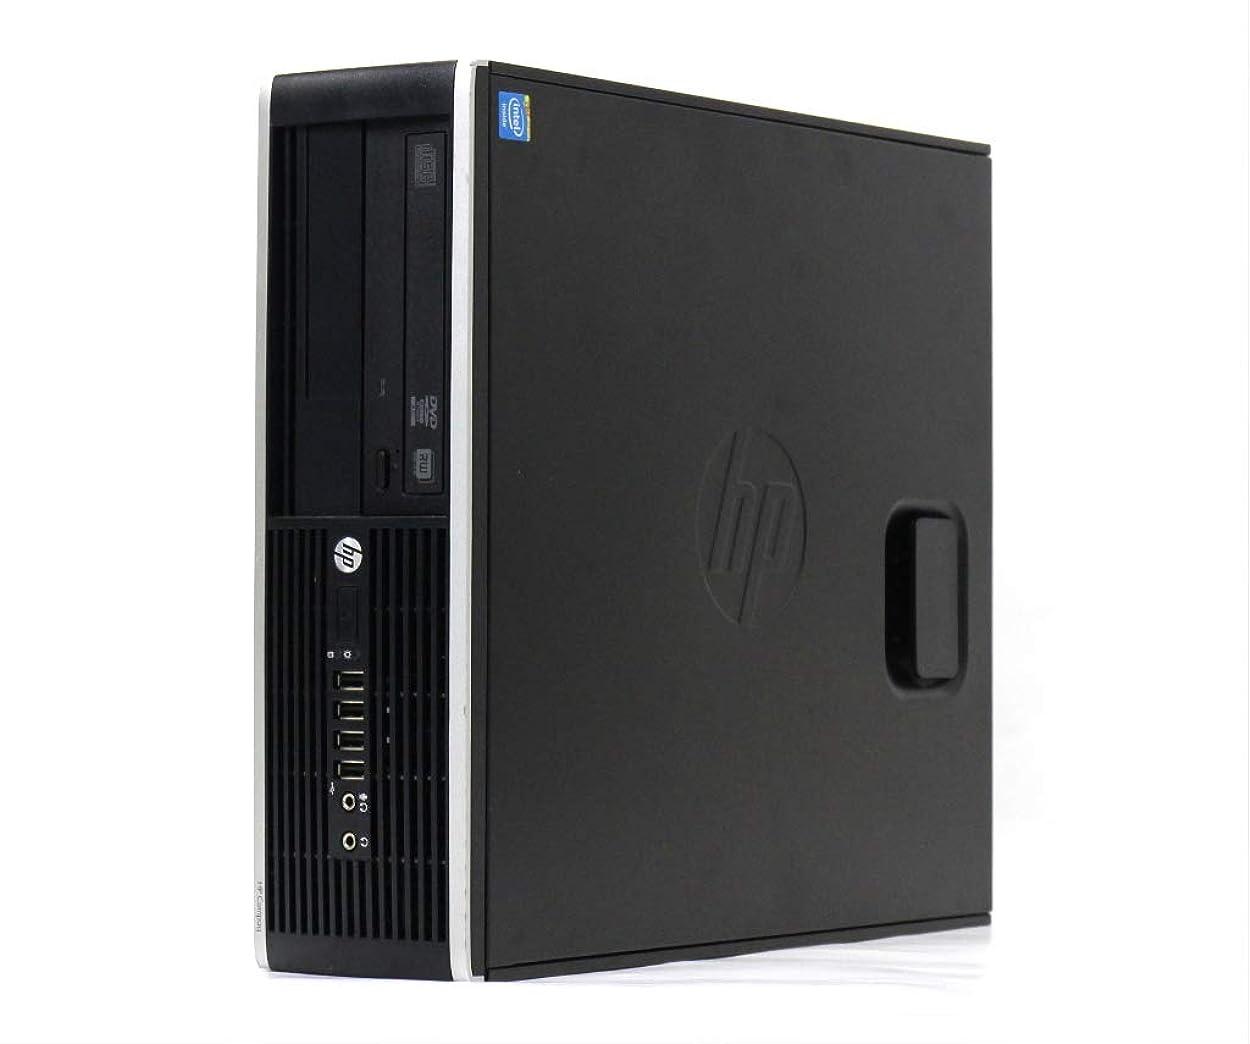 プロトタイプ下手電気陽性【中古】 hp Compaq Pro 6300 SFF Celeron G1610 2.6GHz 4GB 250GB DisplayPort アナログRGB出力 DVD+-RW Windows7 Pro 64bit